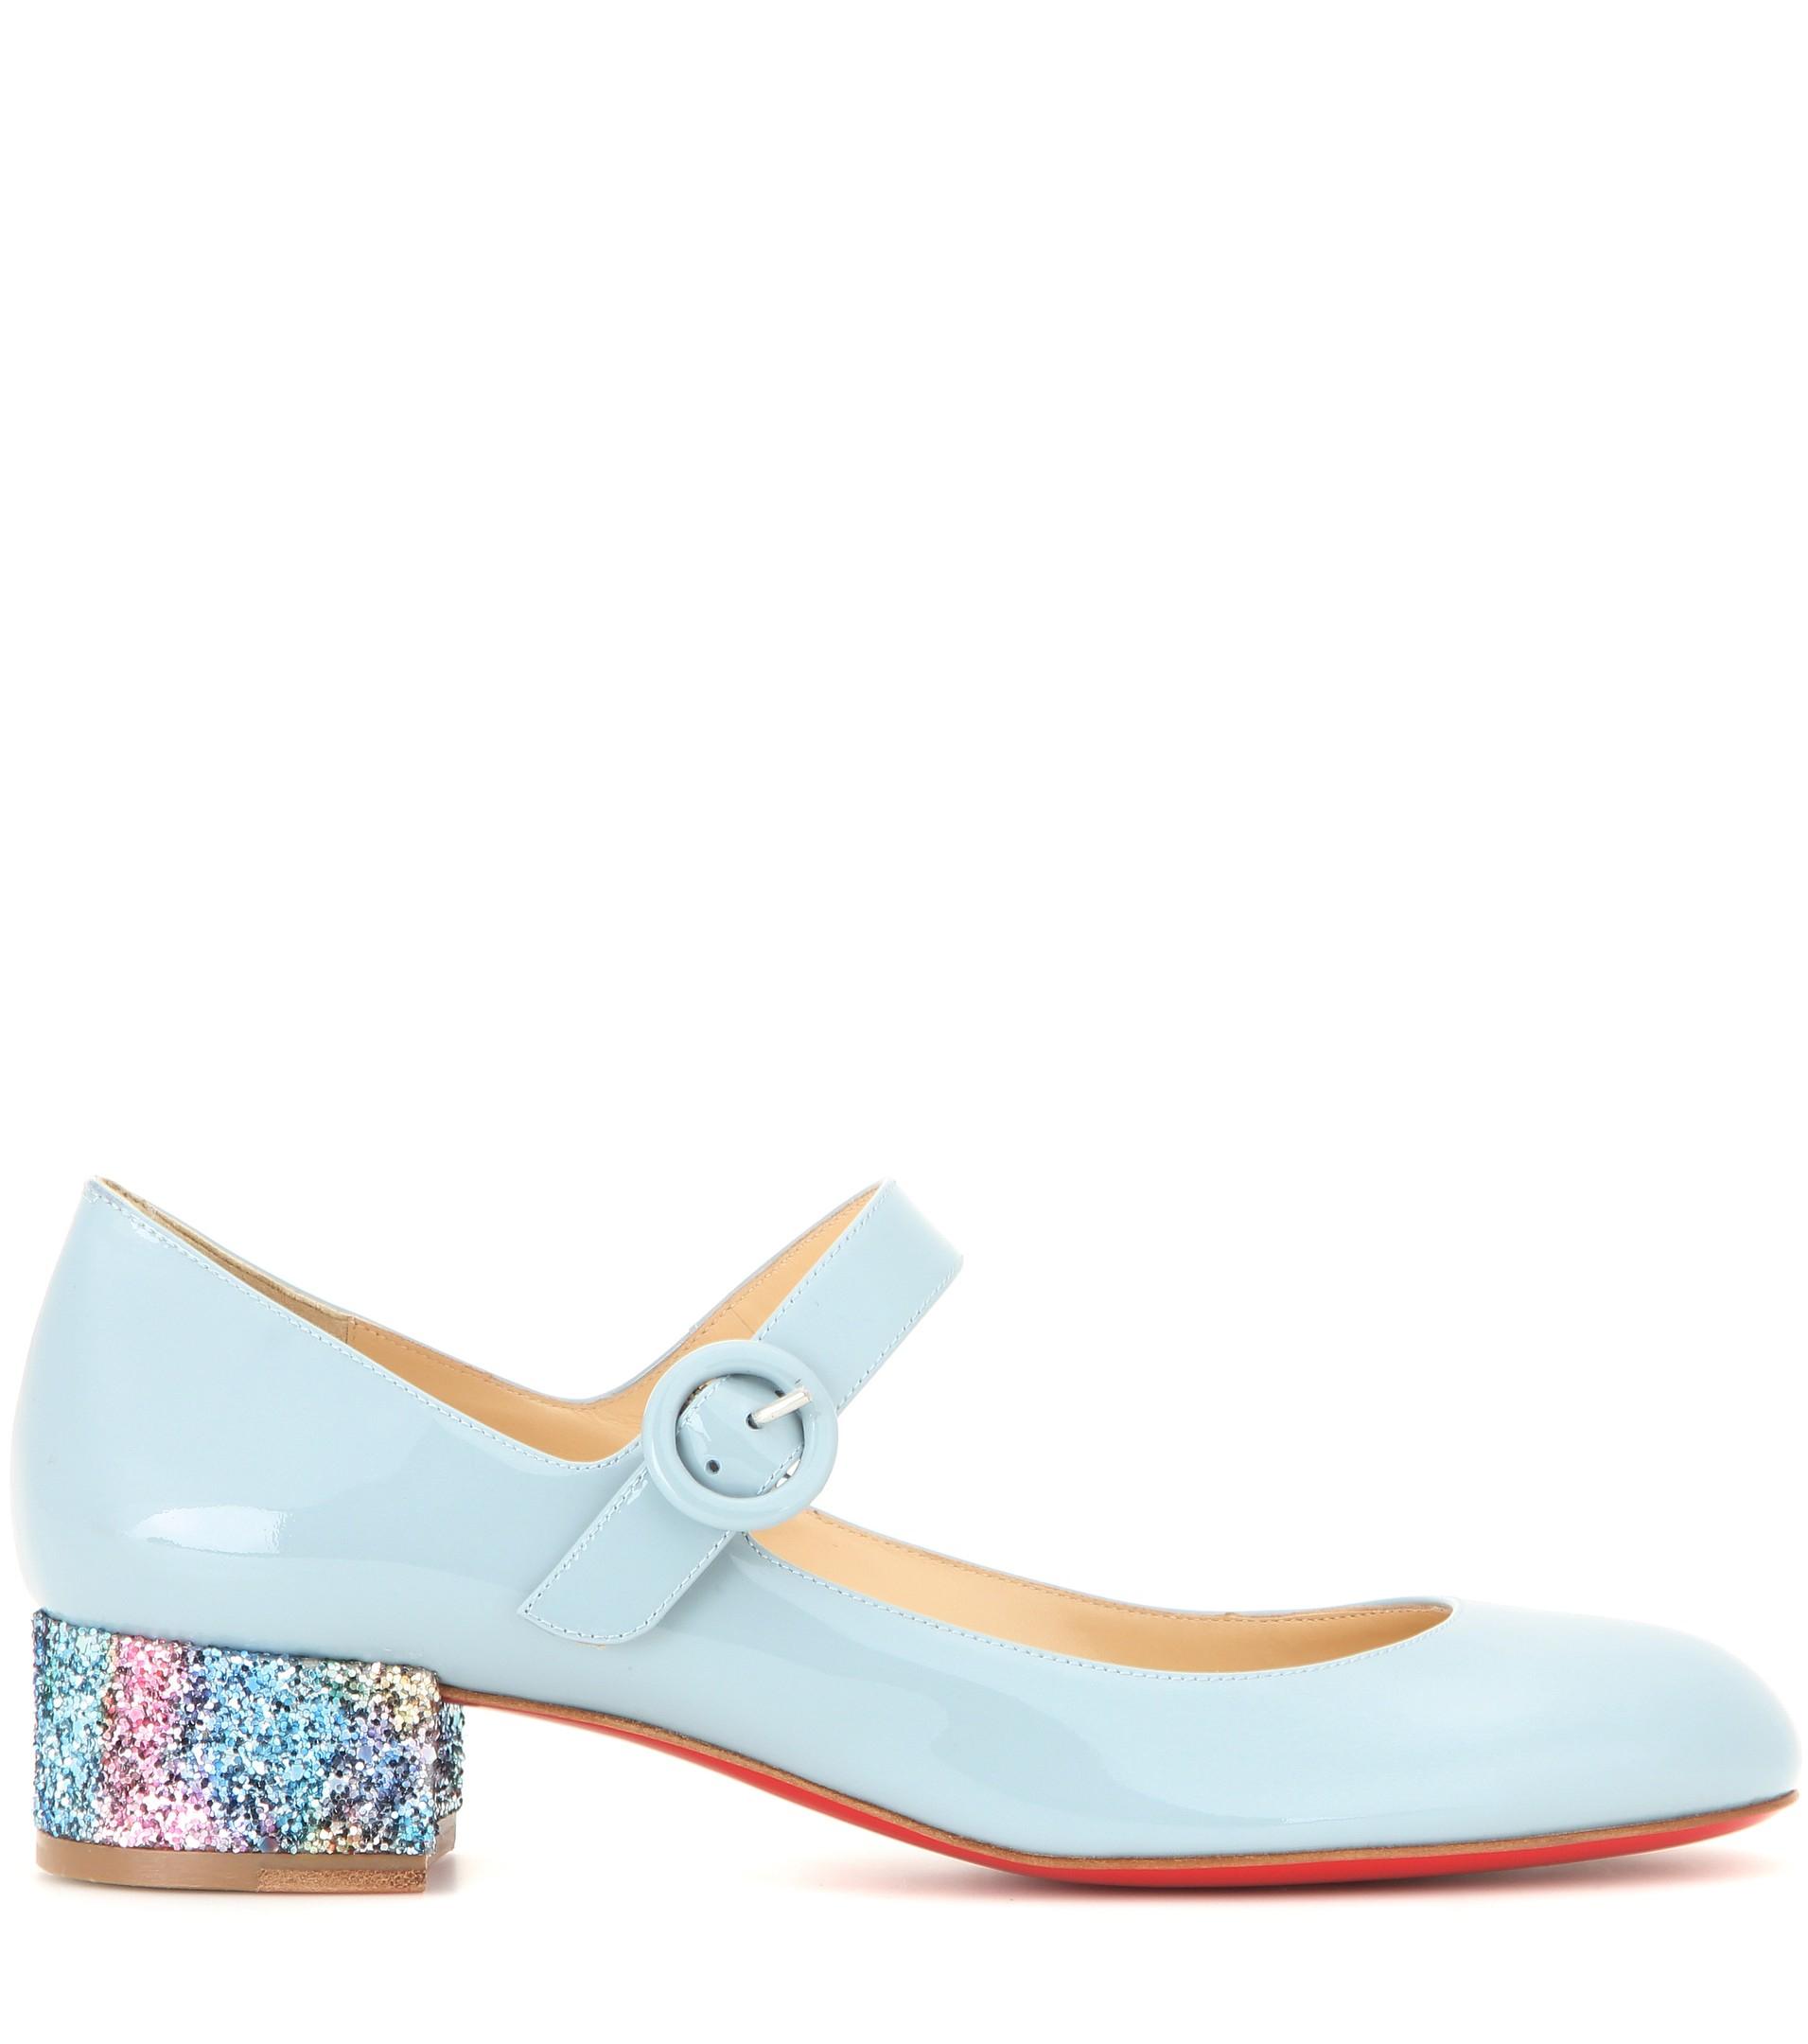 Louboutin Shoes Uk Stockists